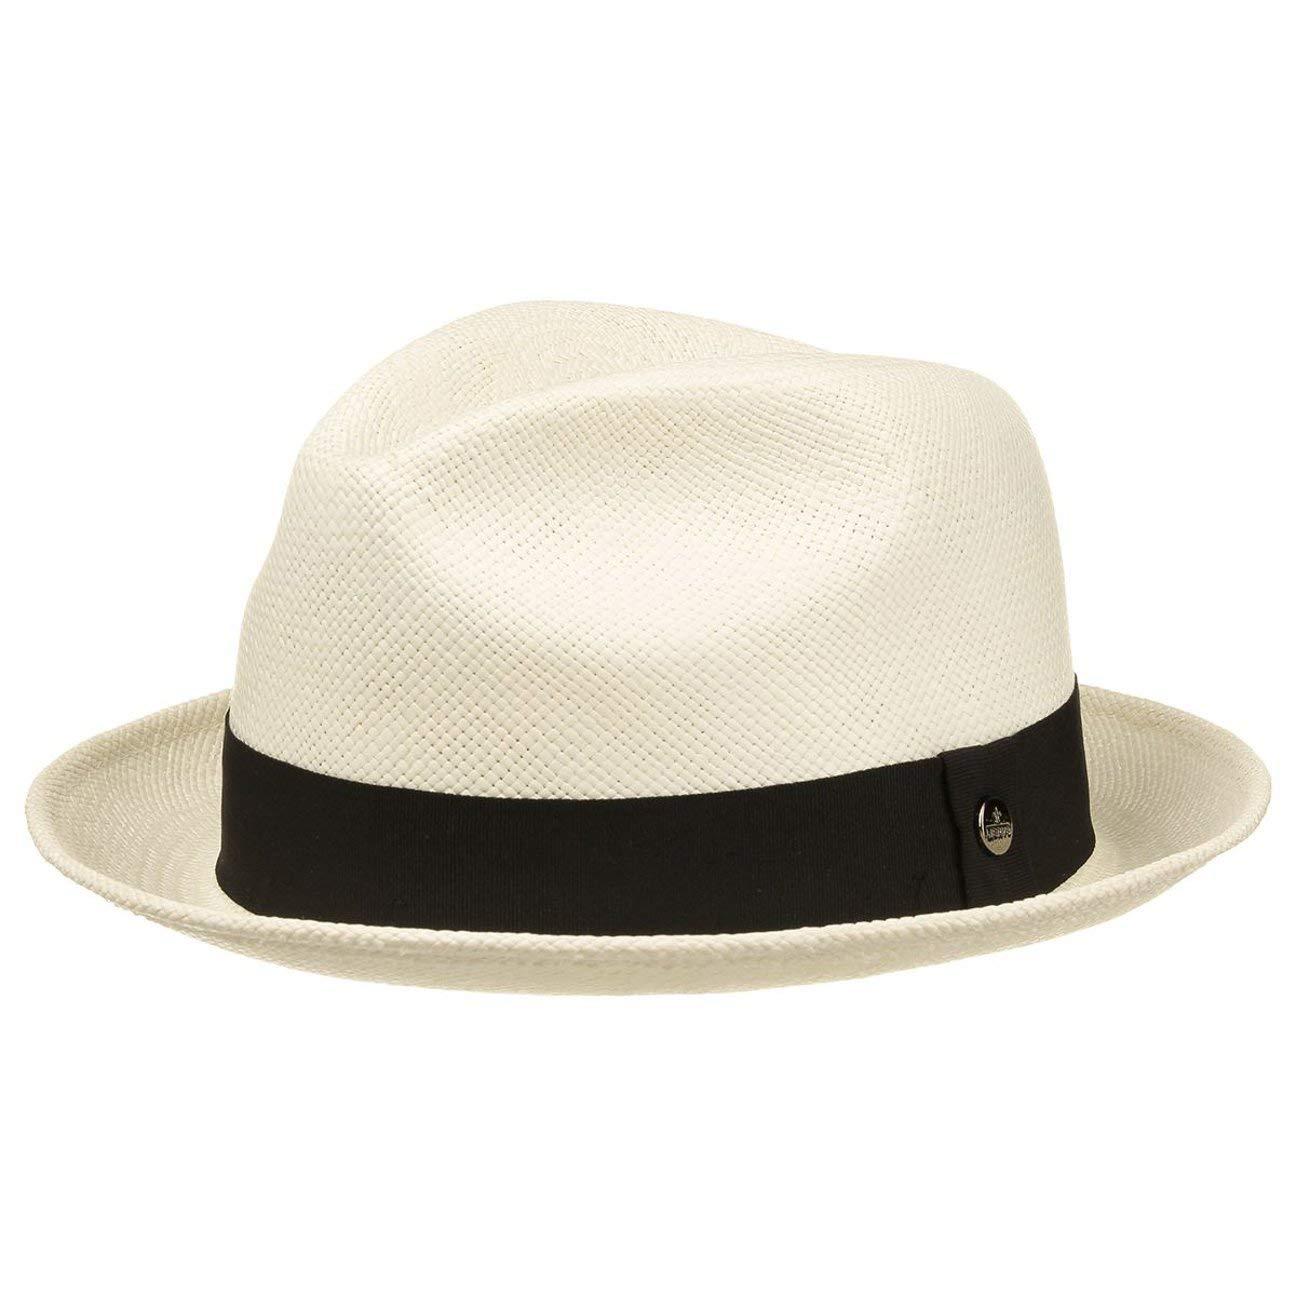 Lierys Cappello Panama Eduardo Player cappelli paglia M (56-57 cm) -  natura  Amazon.it  Abbigliamento bd0a4646fa01